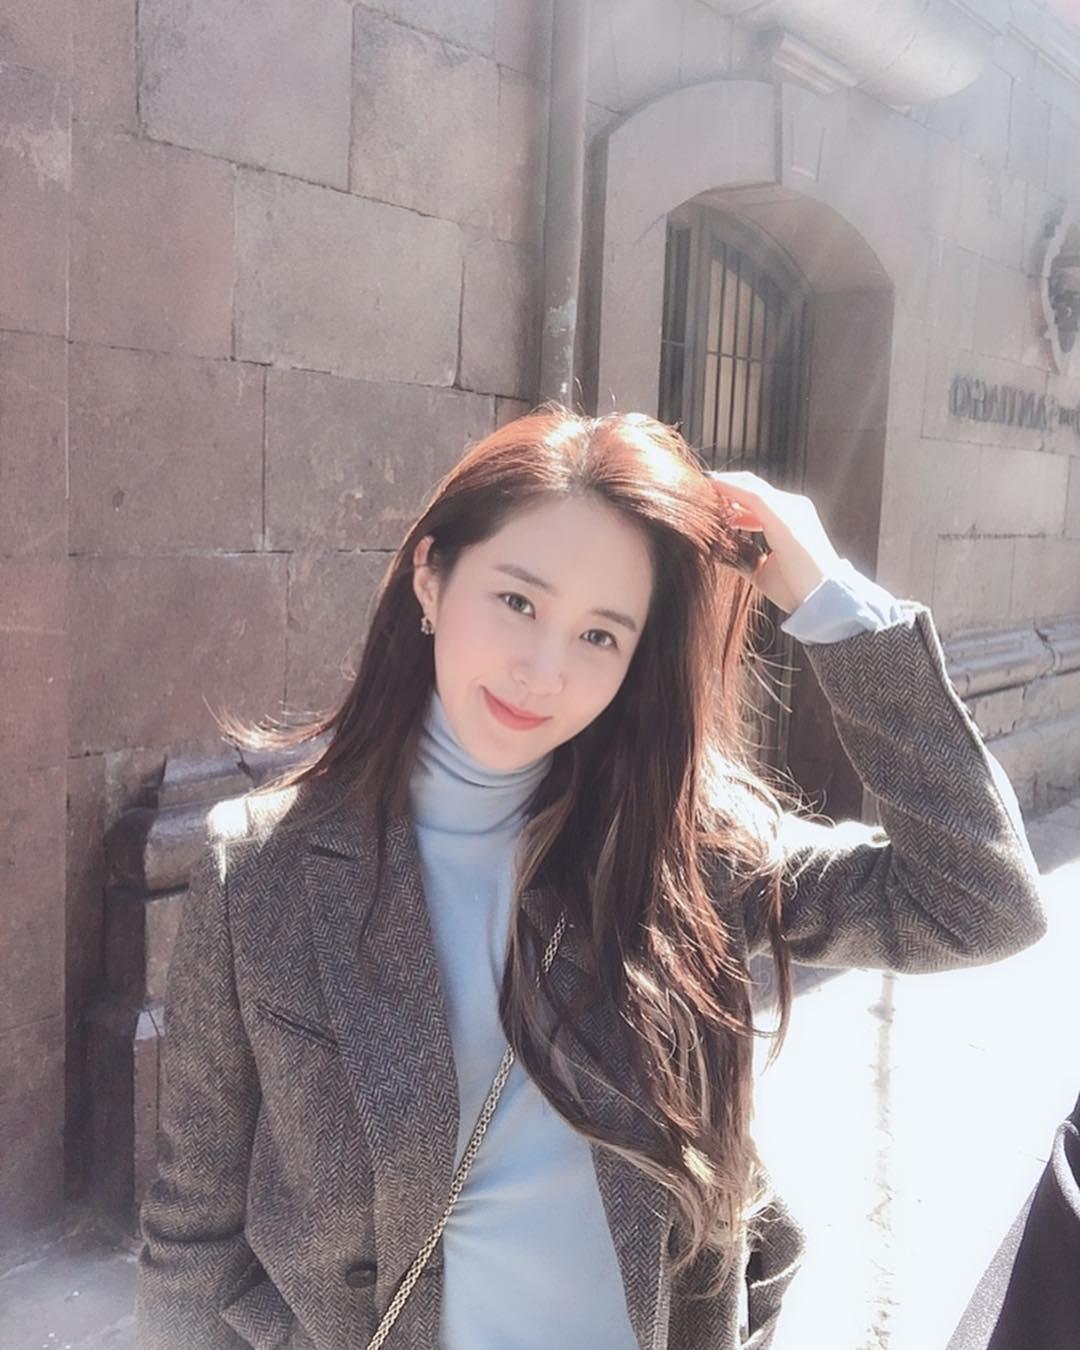 Cô nàng kín tiếng nhất SNSD: Yuri tái xuất sang chảnh rụng rời, không thể ngờ nhan sắc tuổi 30 lại khiến fan điên đảo như vậy - Ảnh 5.